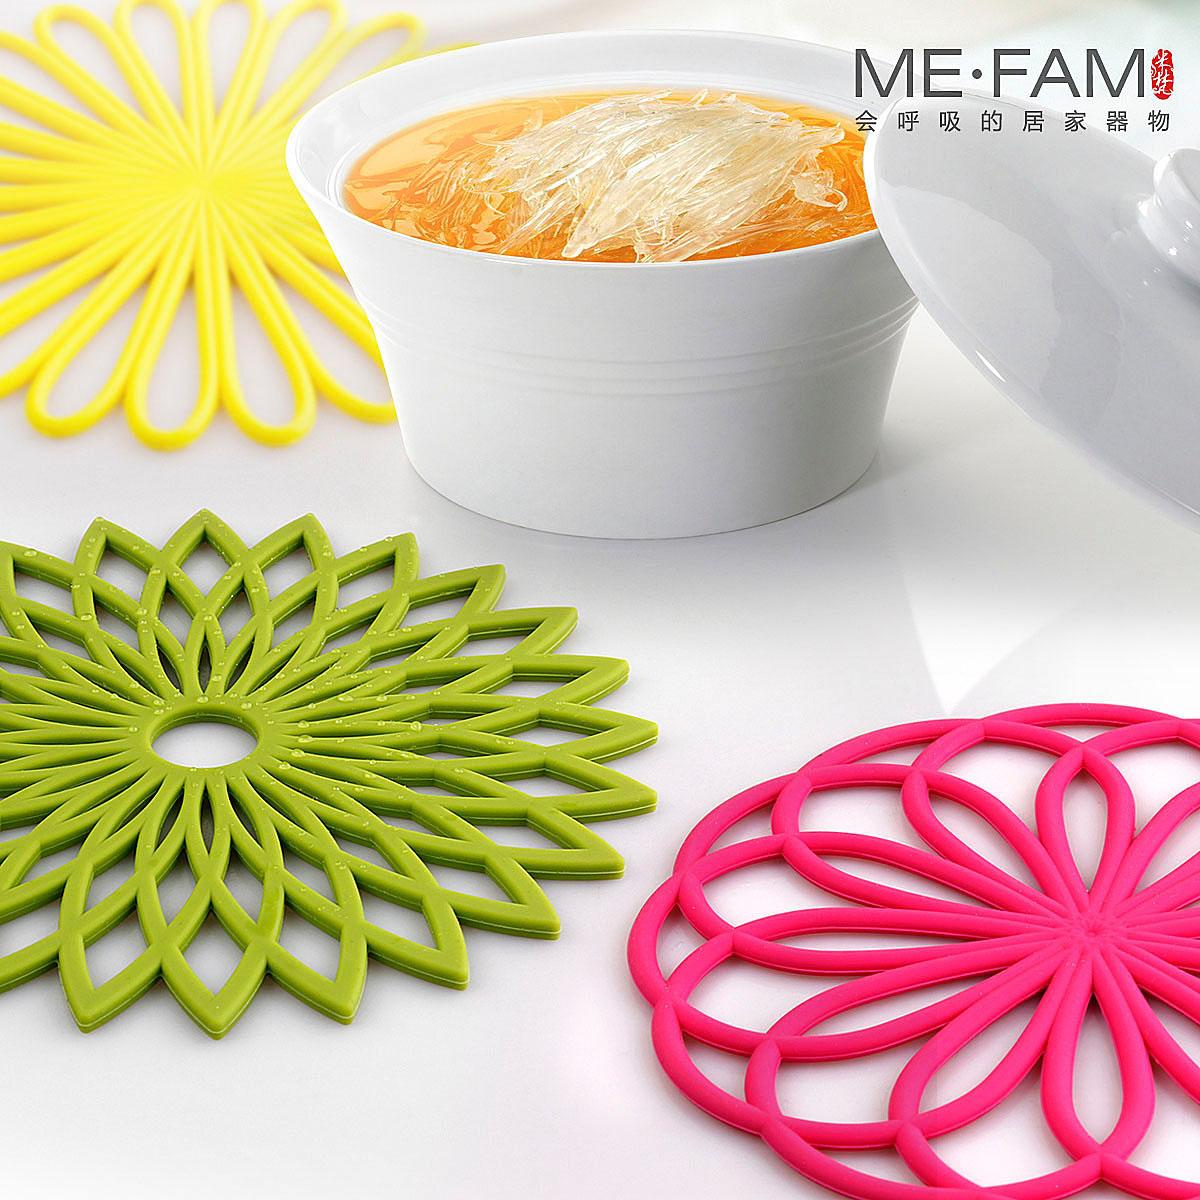 Циновки таблицы Маты теплоизоляционные панели Кинг силиконовые кухонные placemat идея чаша прокладка круглые коврики Coaster дома